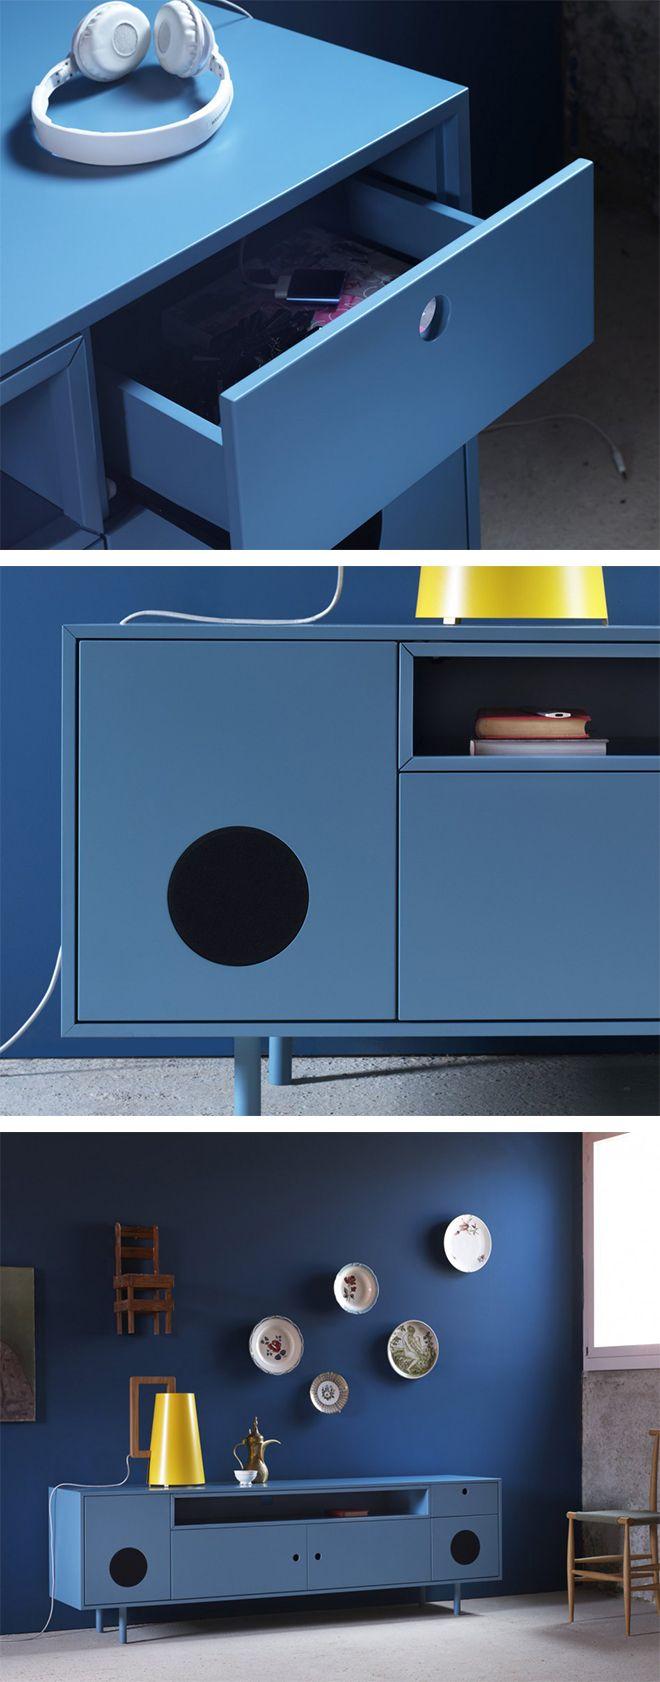 Mit dem Miniforms Sideboard Caixa kann man Bluetooth fähige Audiogeräte und ein TV Gerät anschließen.   #Sideboard #Stereosystem #Bluetooth #Audio #Miniforms #TV #Lautsprecher #Stereo #Wohnzimmer #livingroom #sound #Stereosoundsystem #wohntrend #wohnideen #Einrichtungsideen #home #wohnen #Livarea #Luxus #Designmöbel #Designboard #interiordesign #interiordecorating #Design #Möbel